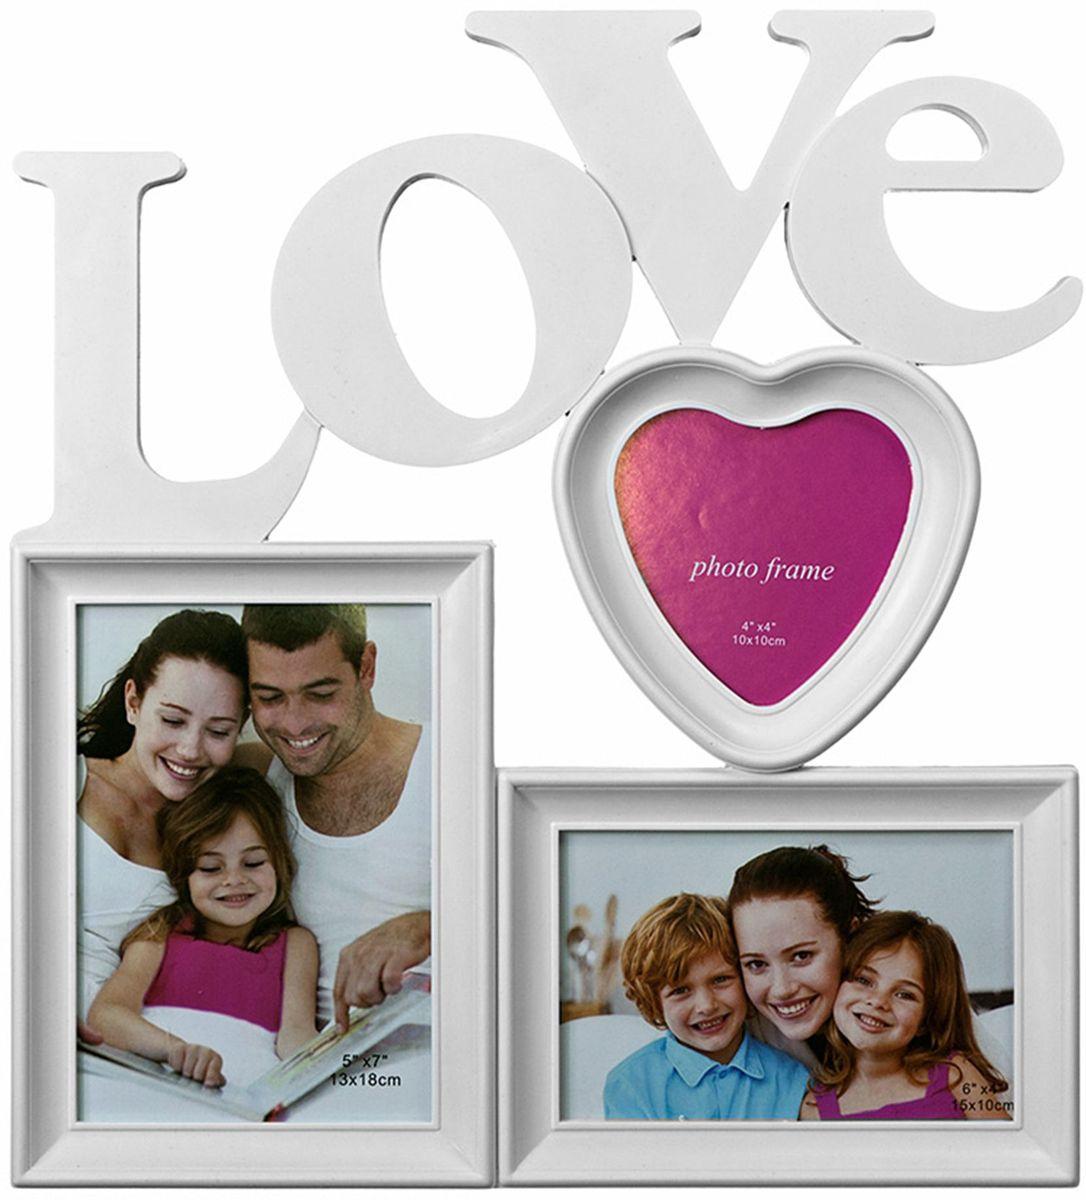 Коллаж Platinum Love, цвет: белый, 3 фоторамки. BIN-1122915RG-D31SПластиковый коллаж с 1 фото 13х18, 1 фото 10х15 см, 1 фото 10х10 см.